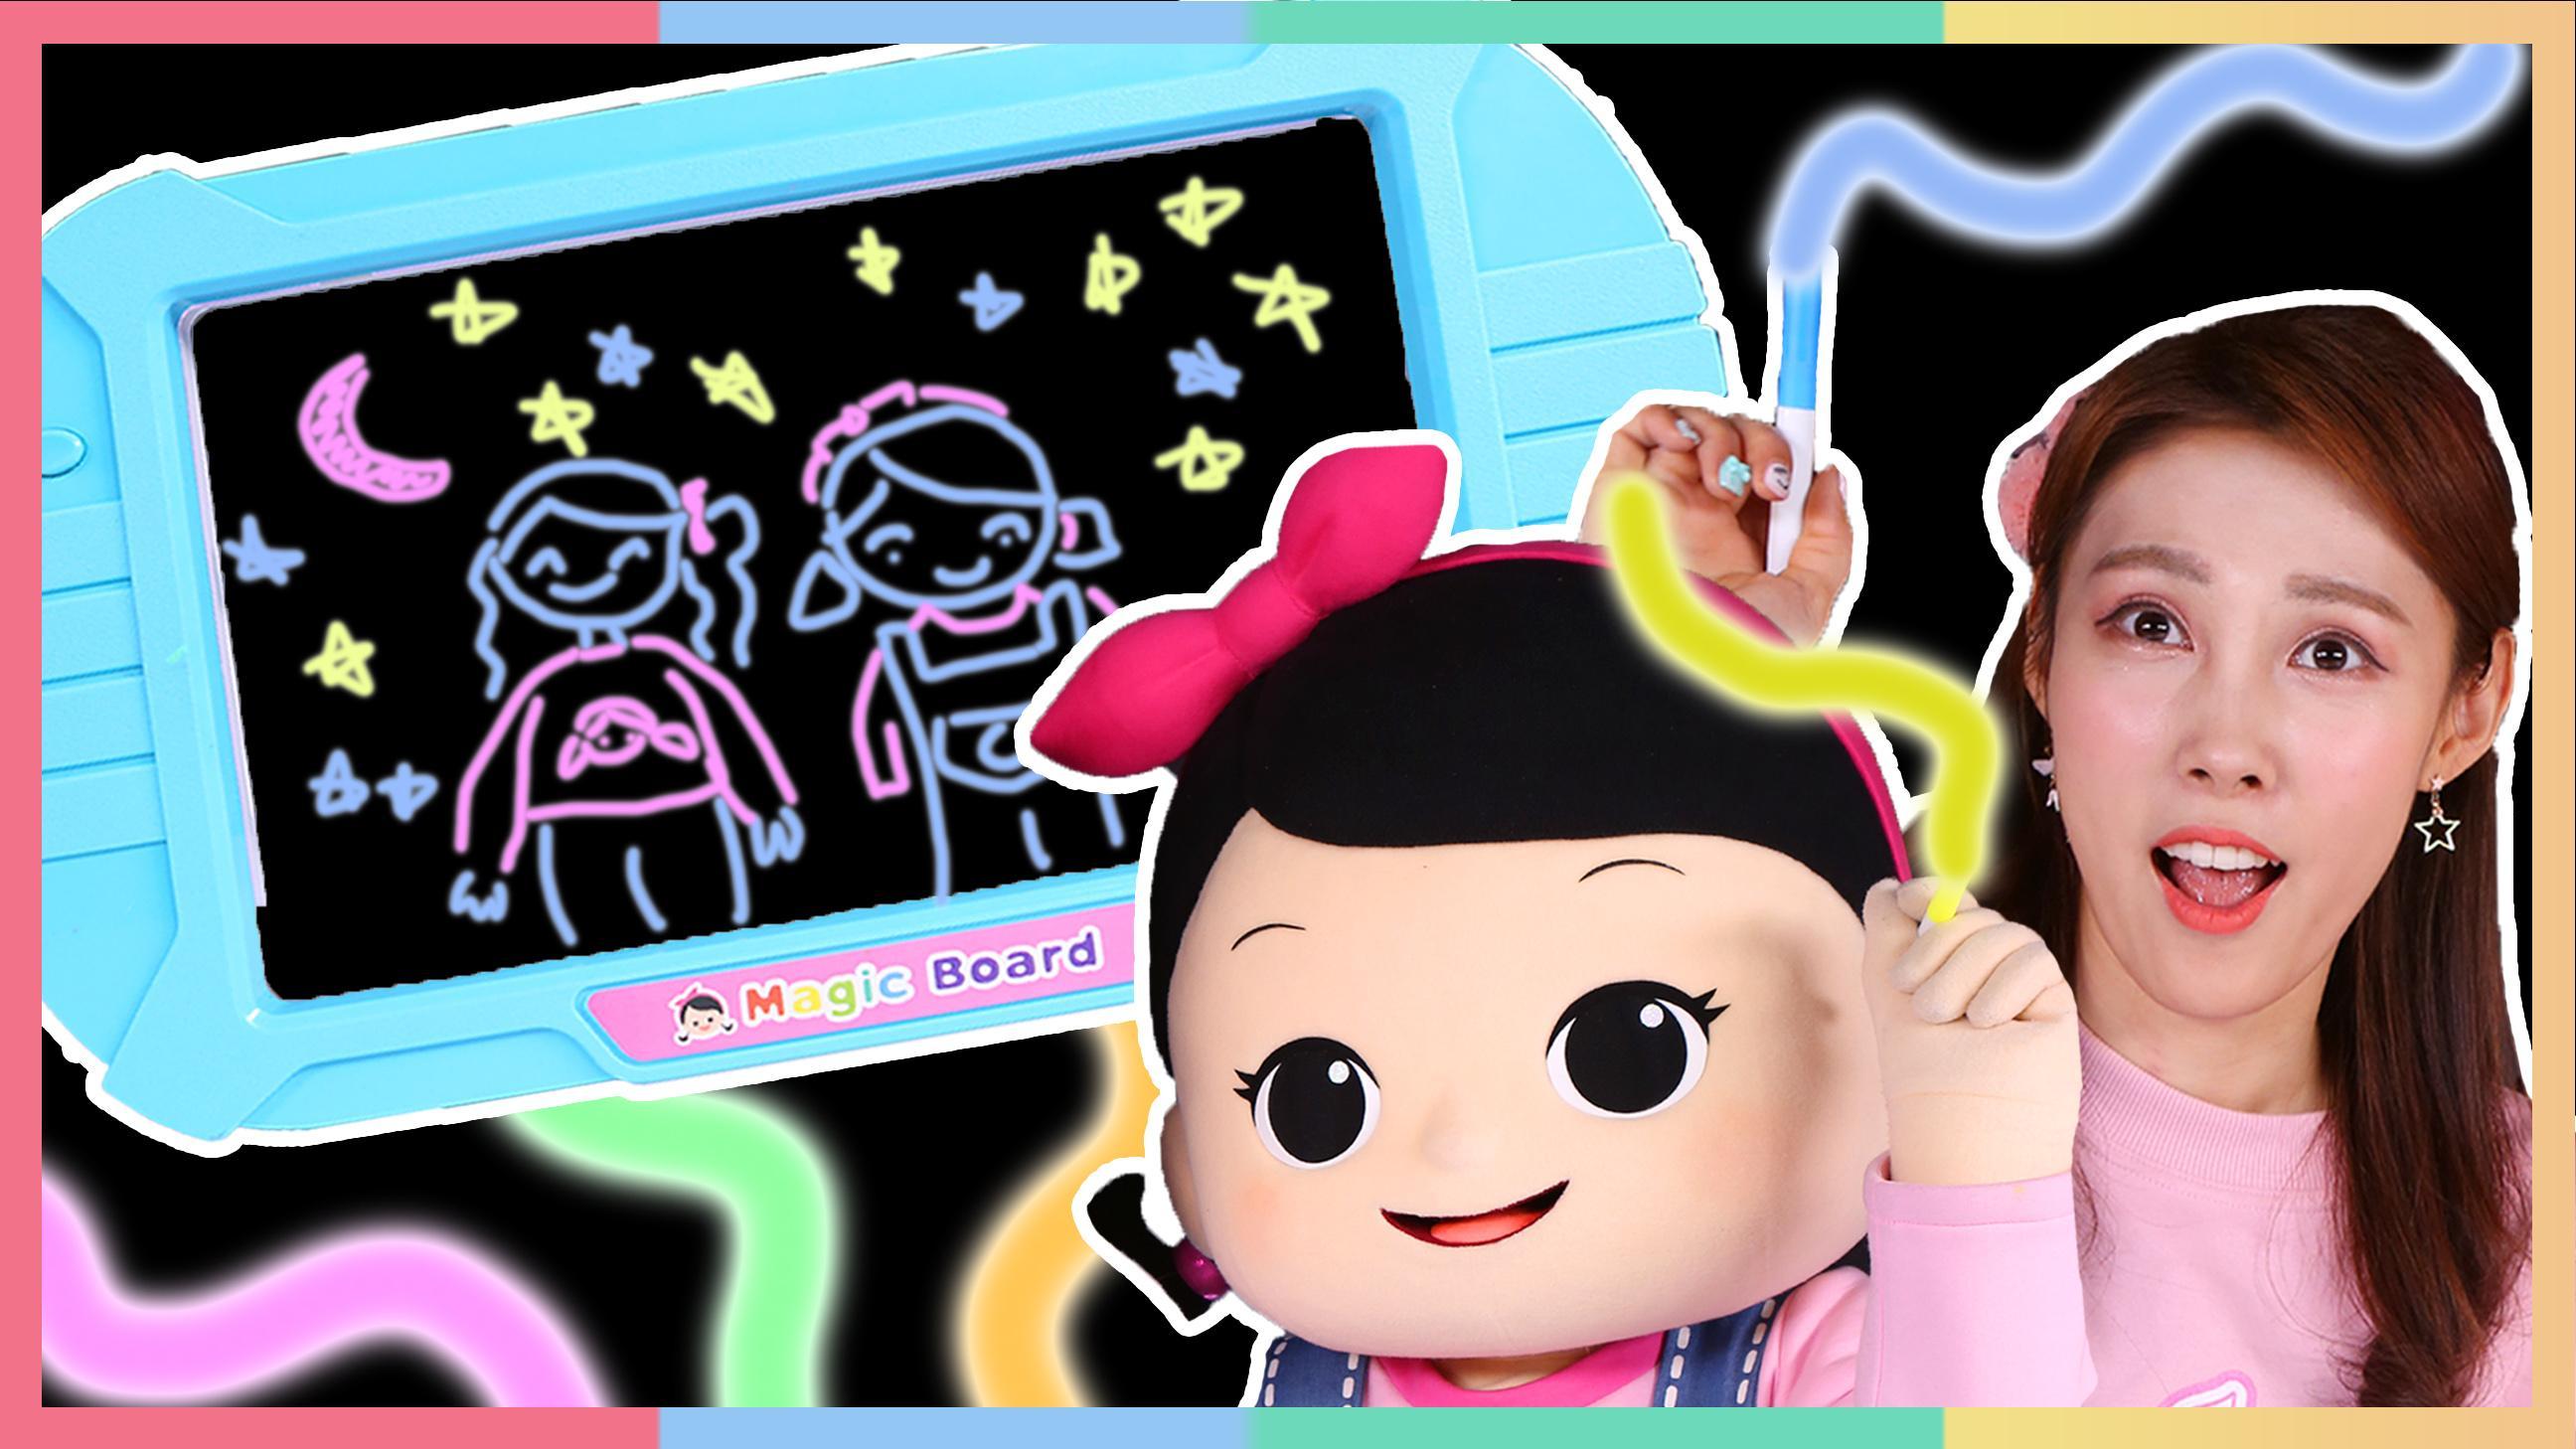 闪着七彩光芒的神奇夜光玩具画板 | 凯利和玩具朋友们 CarrieAndToys